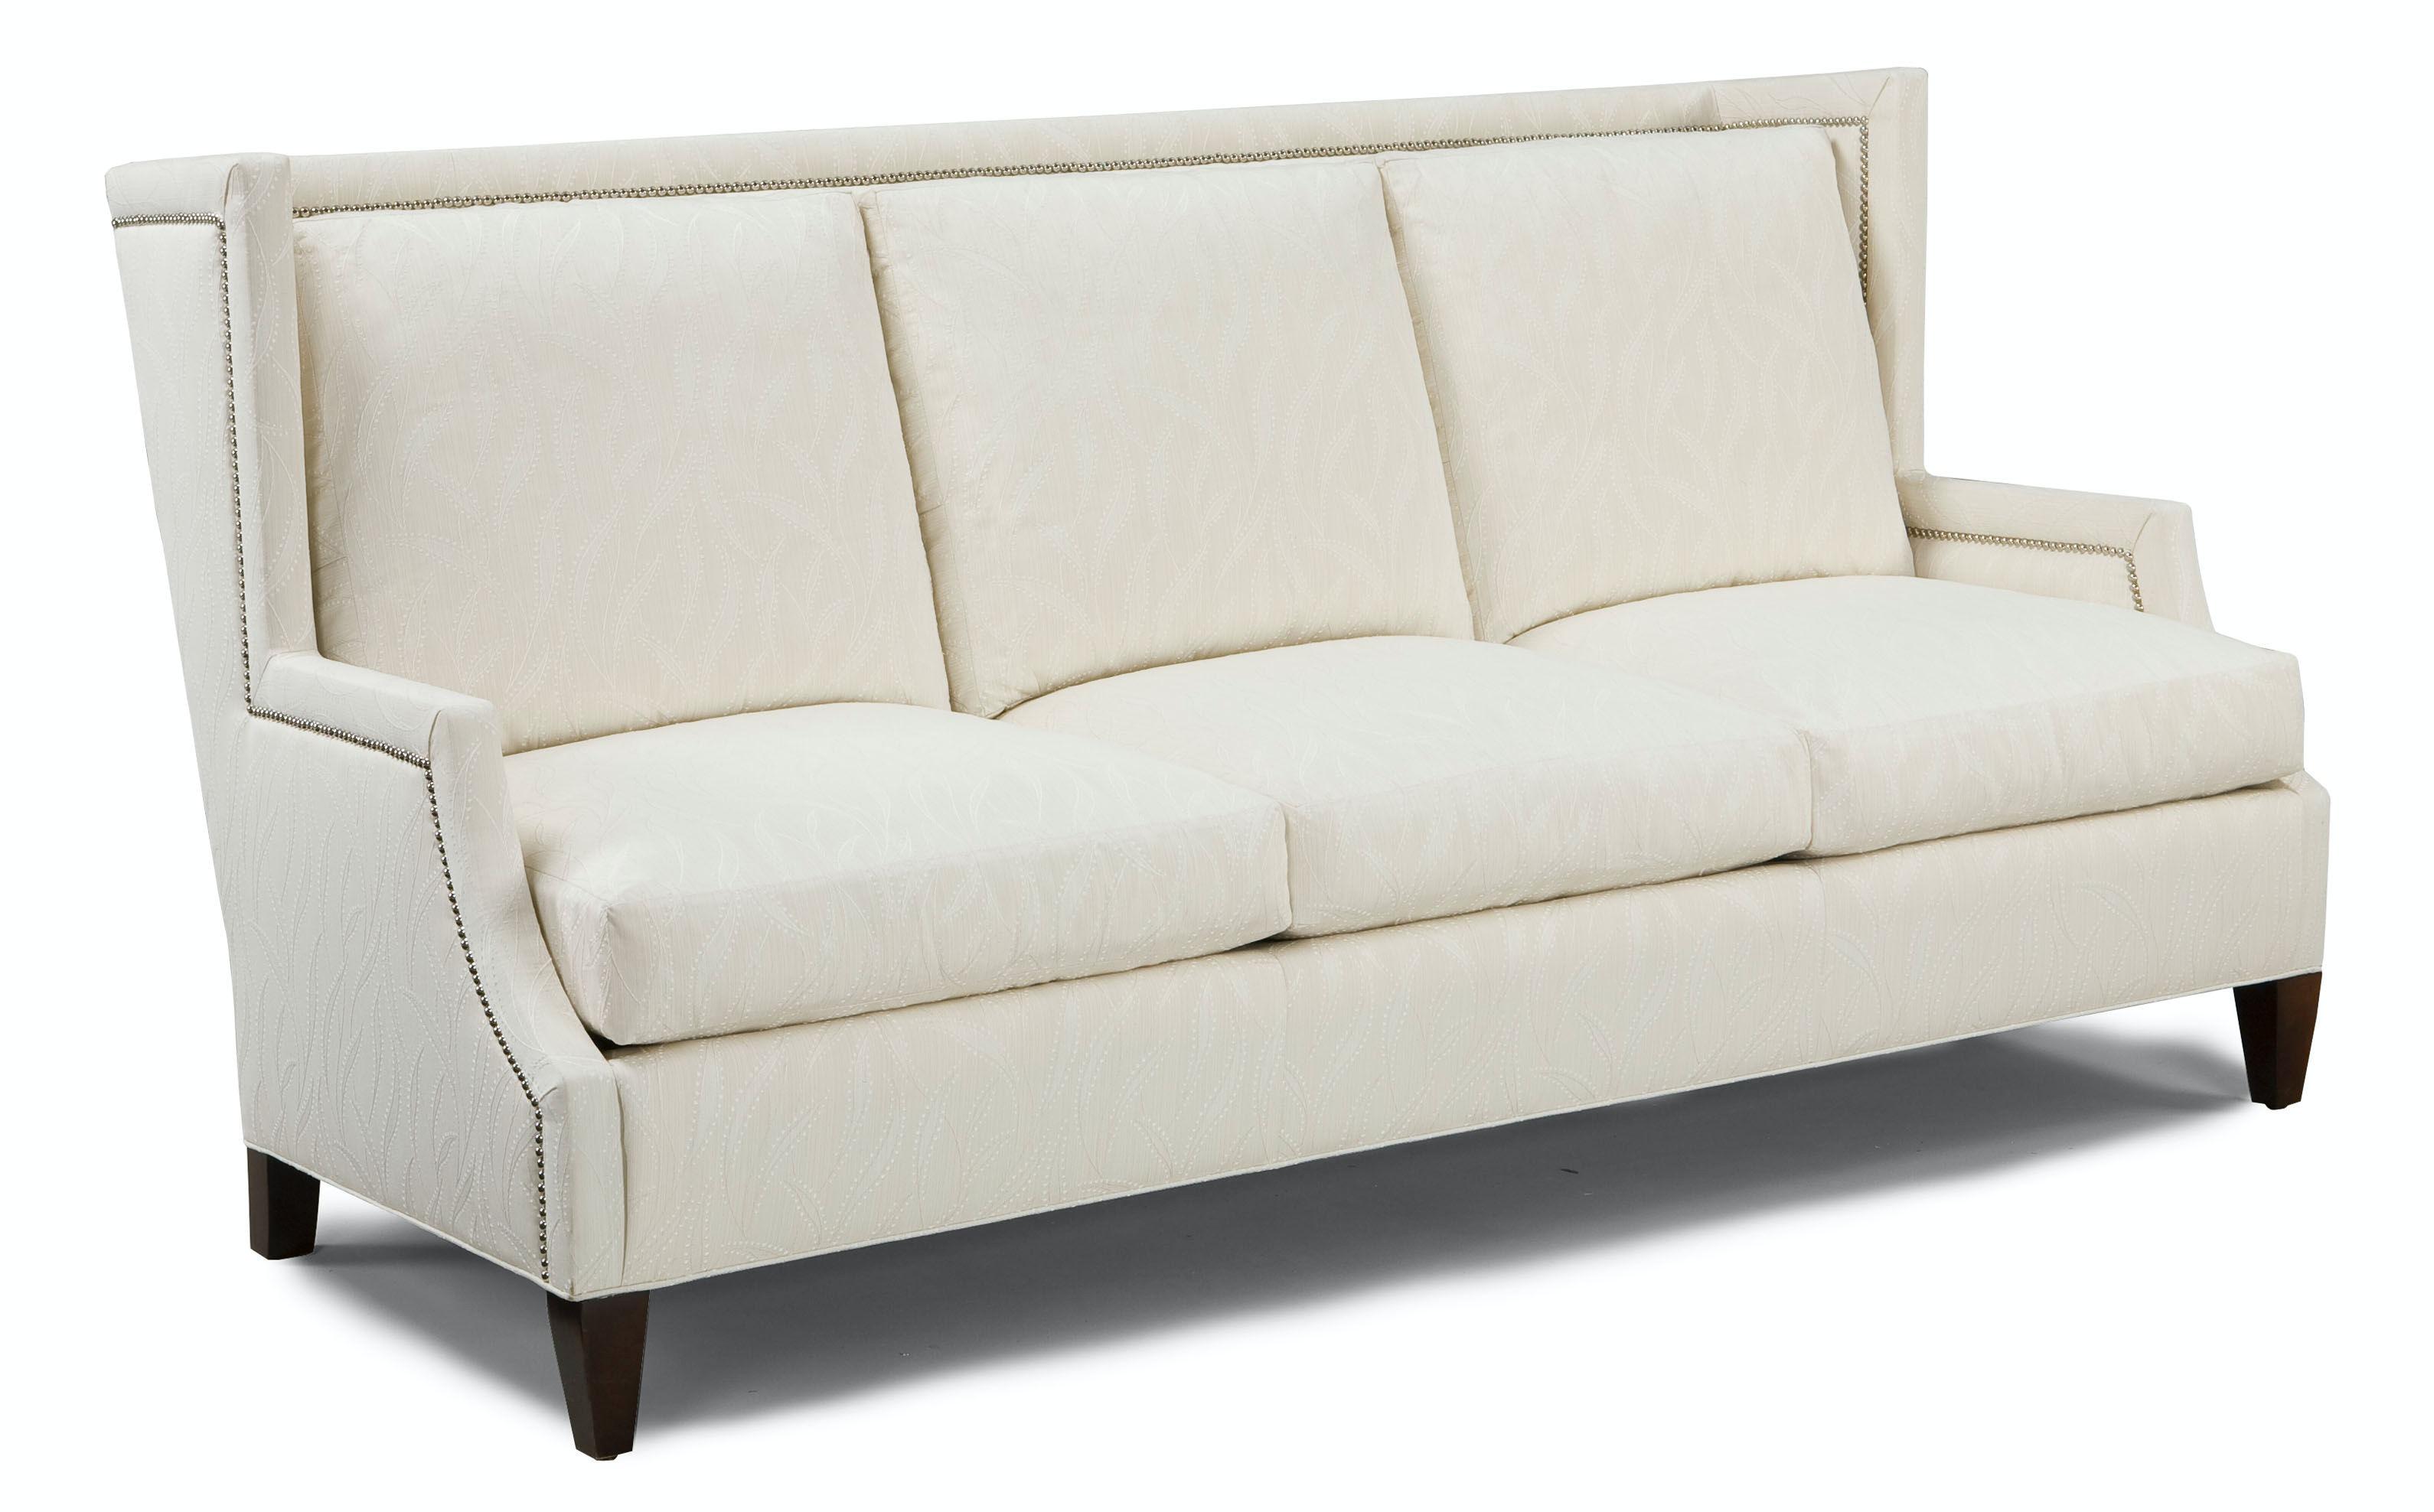 Fairfield Chair Company Stuart Sofa 2779 50